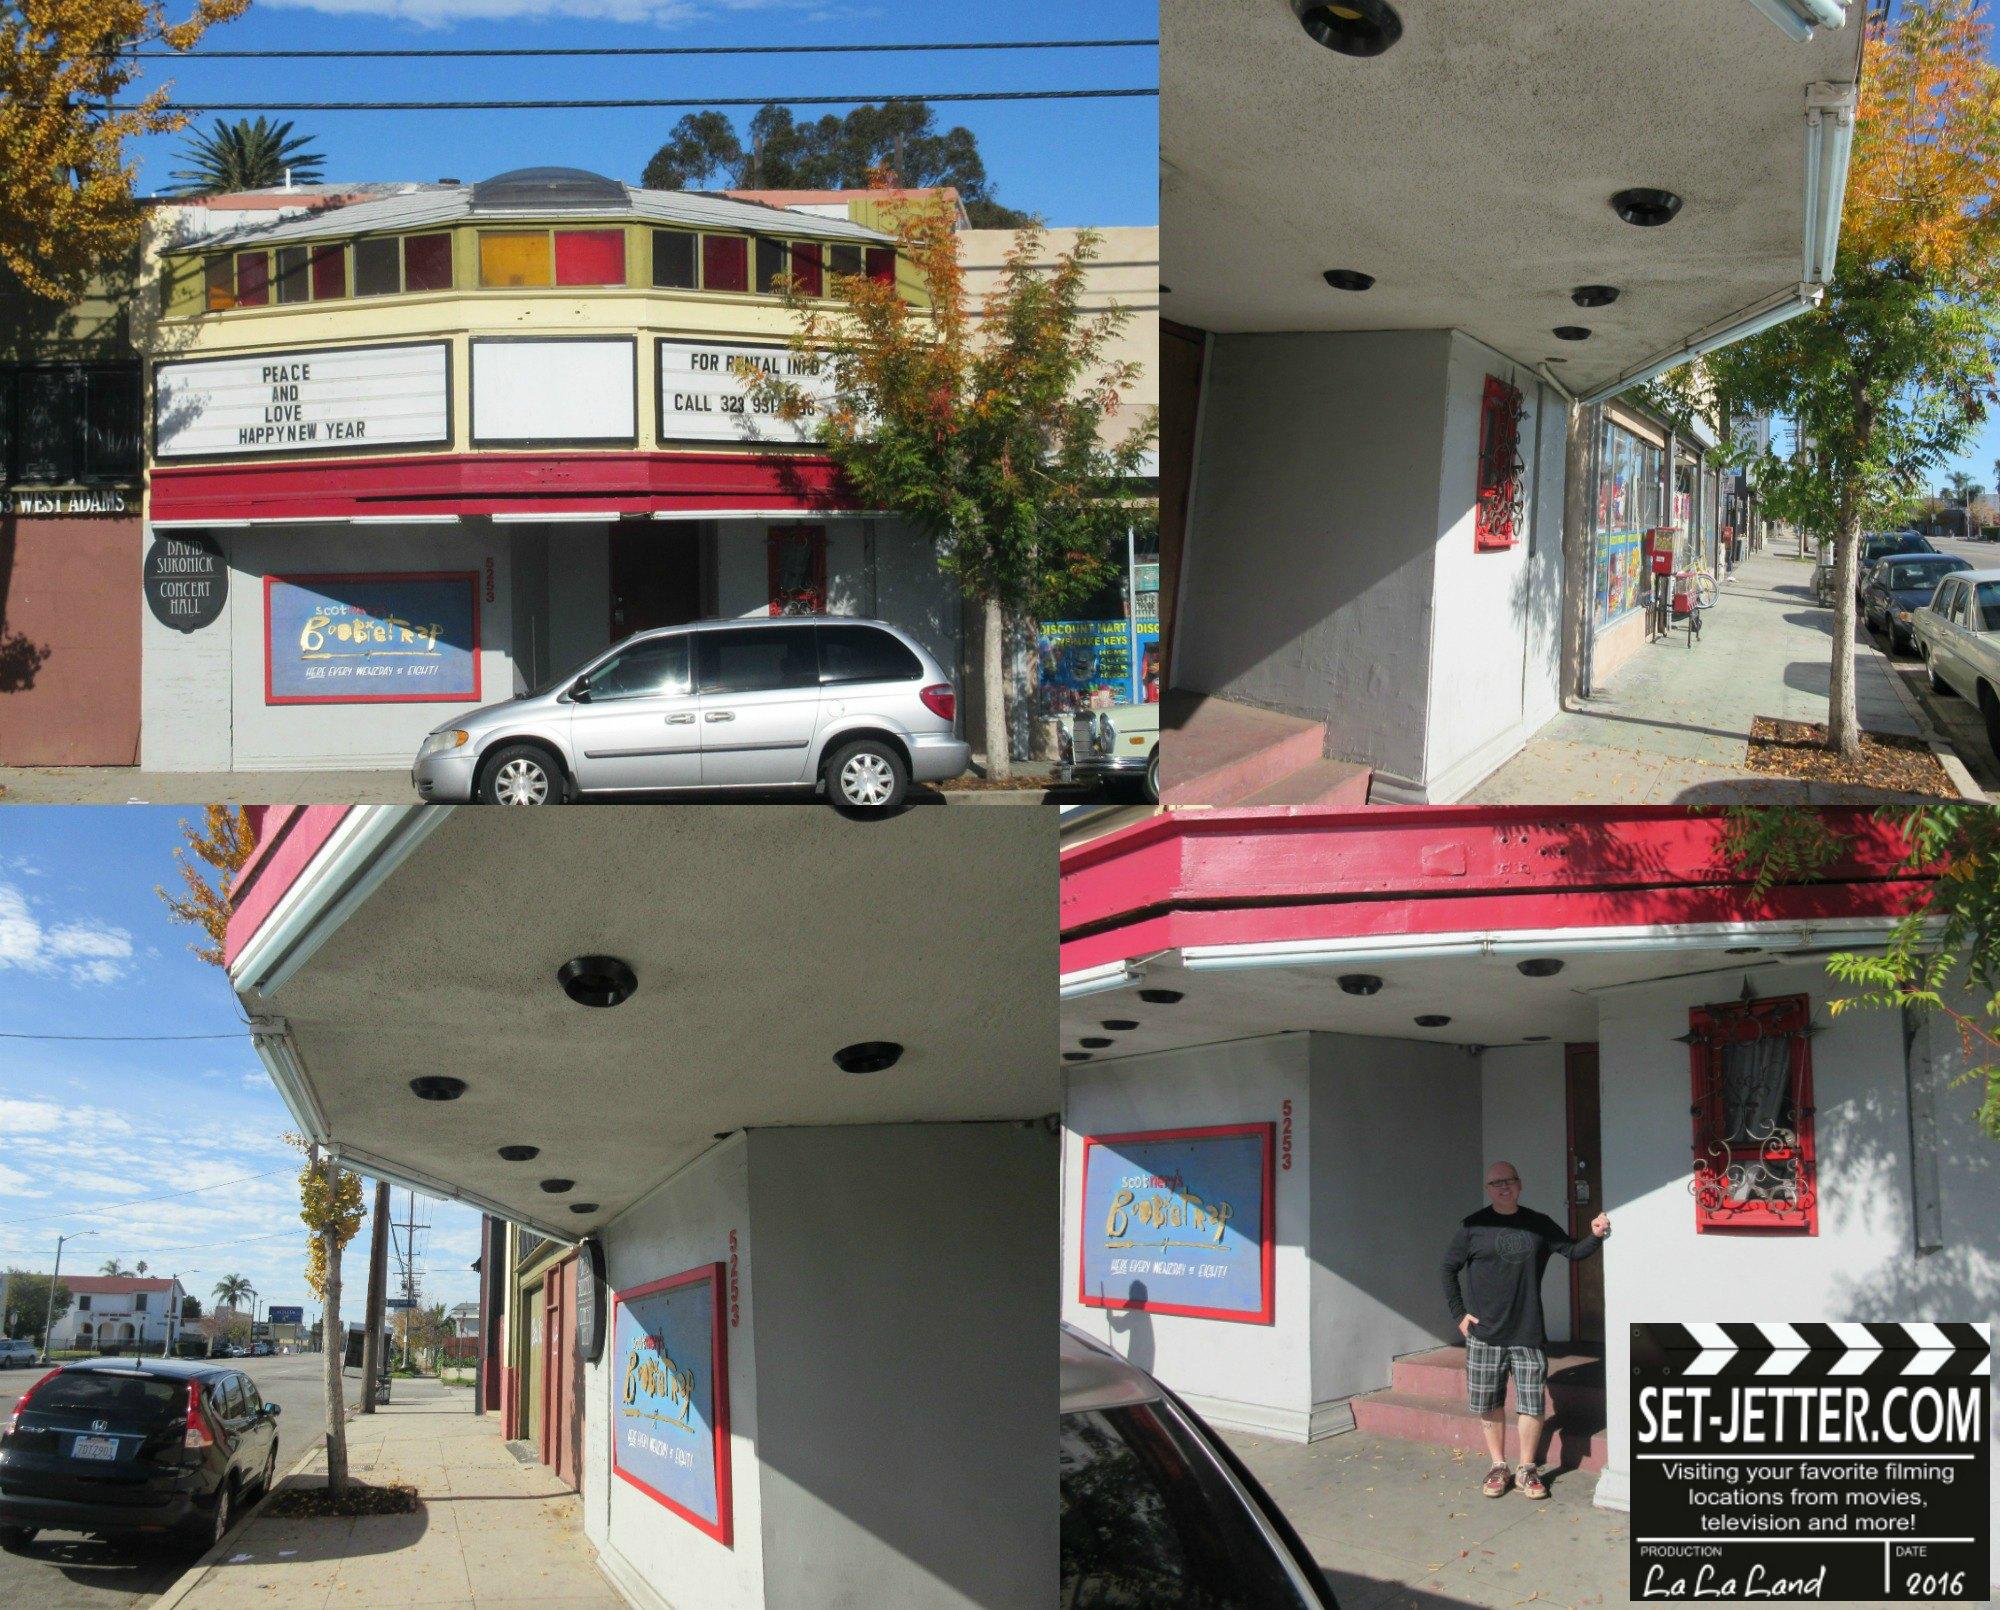 La La Land comparison 108.jpg